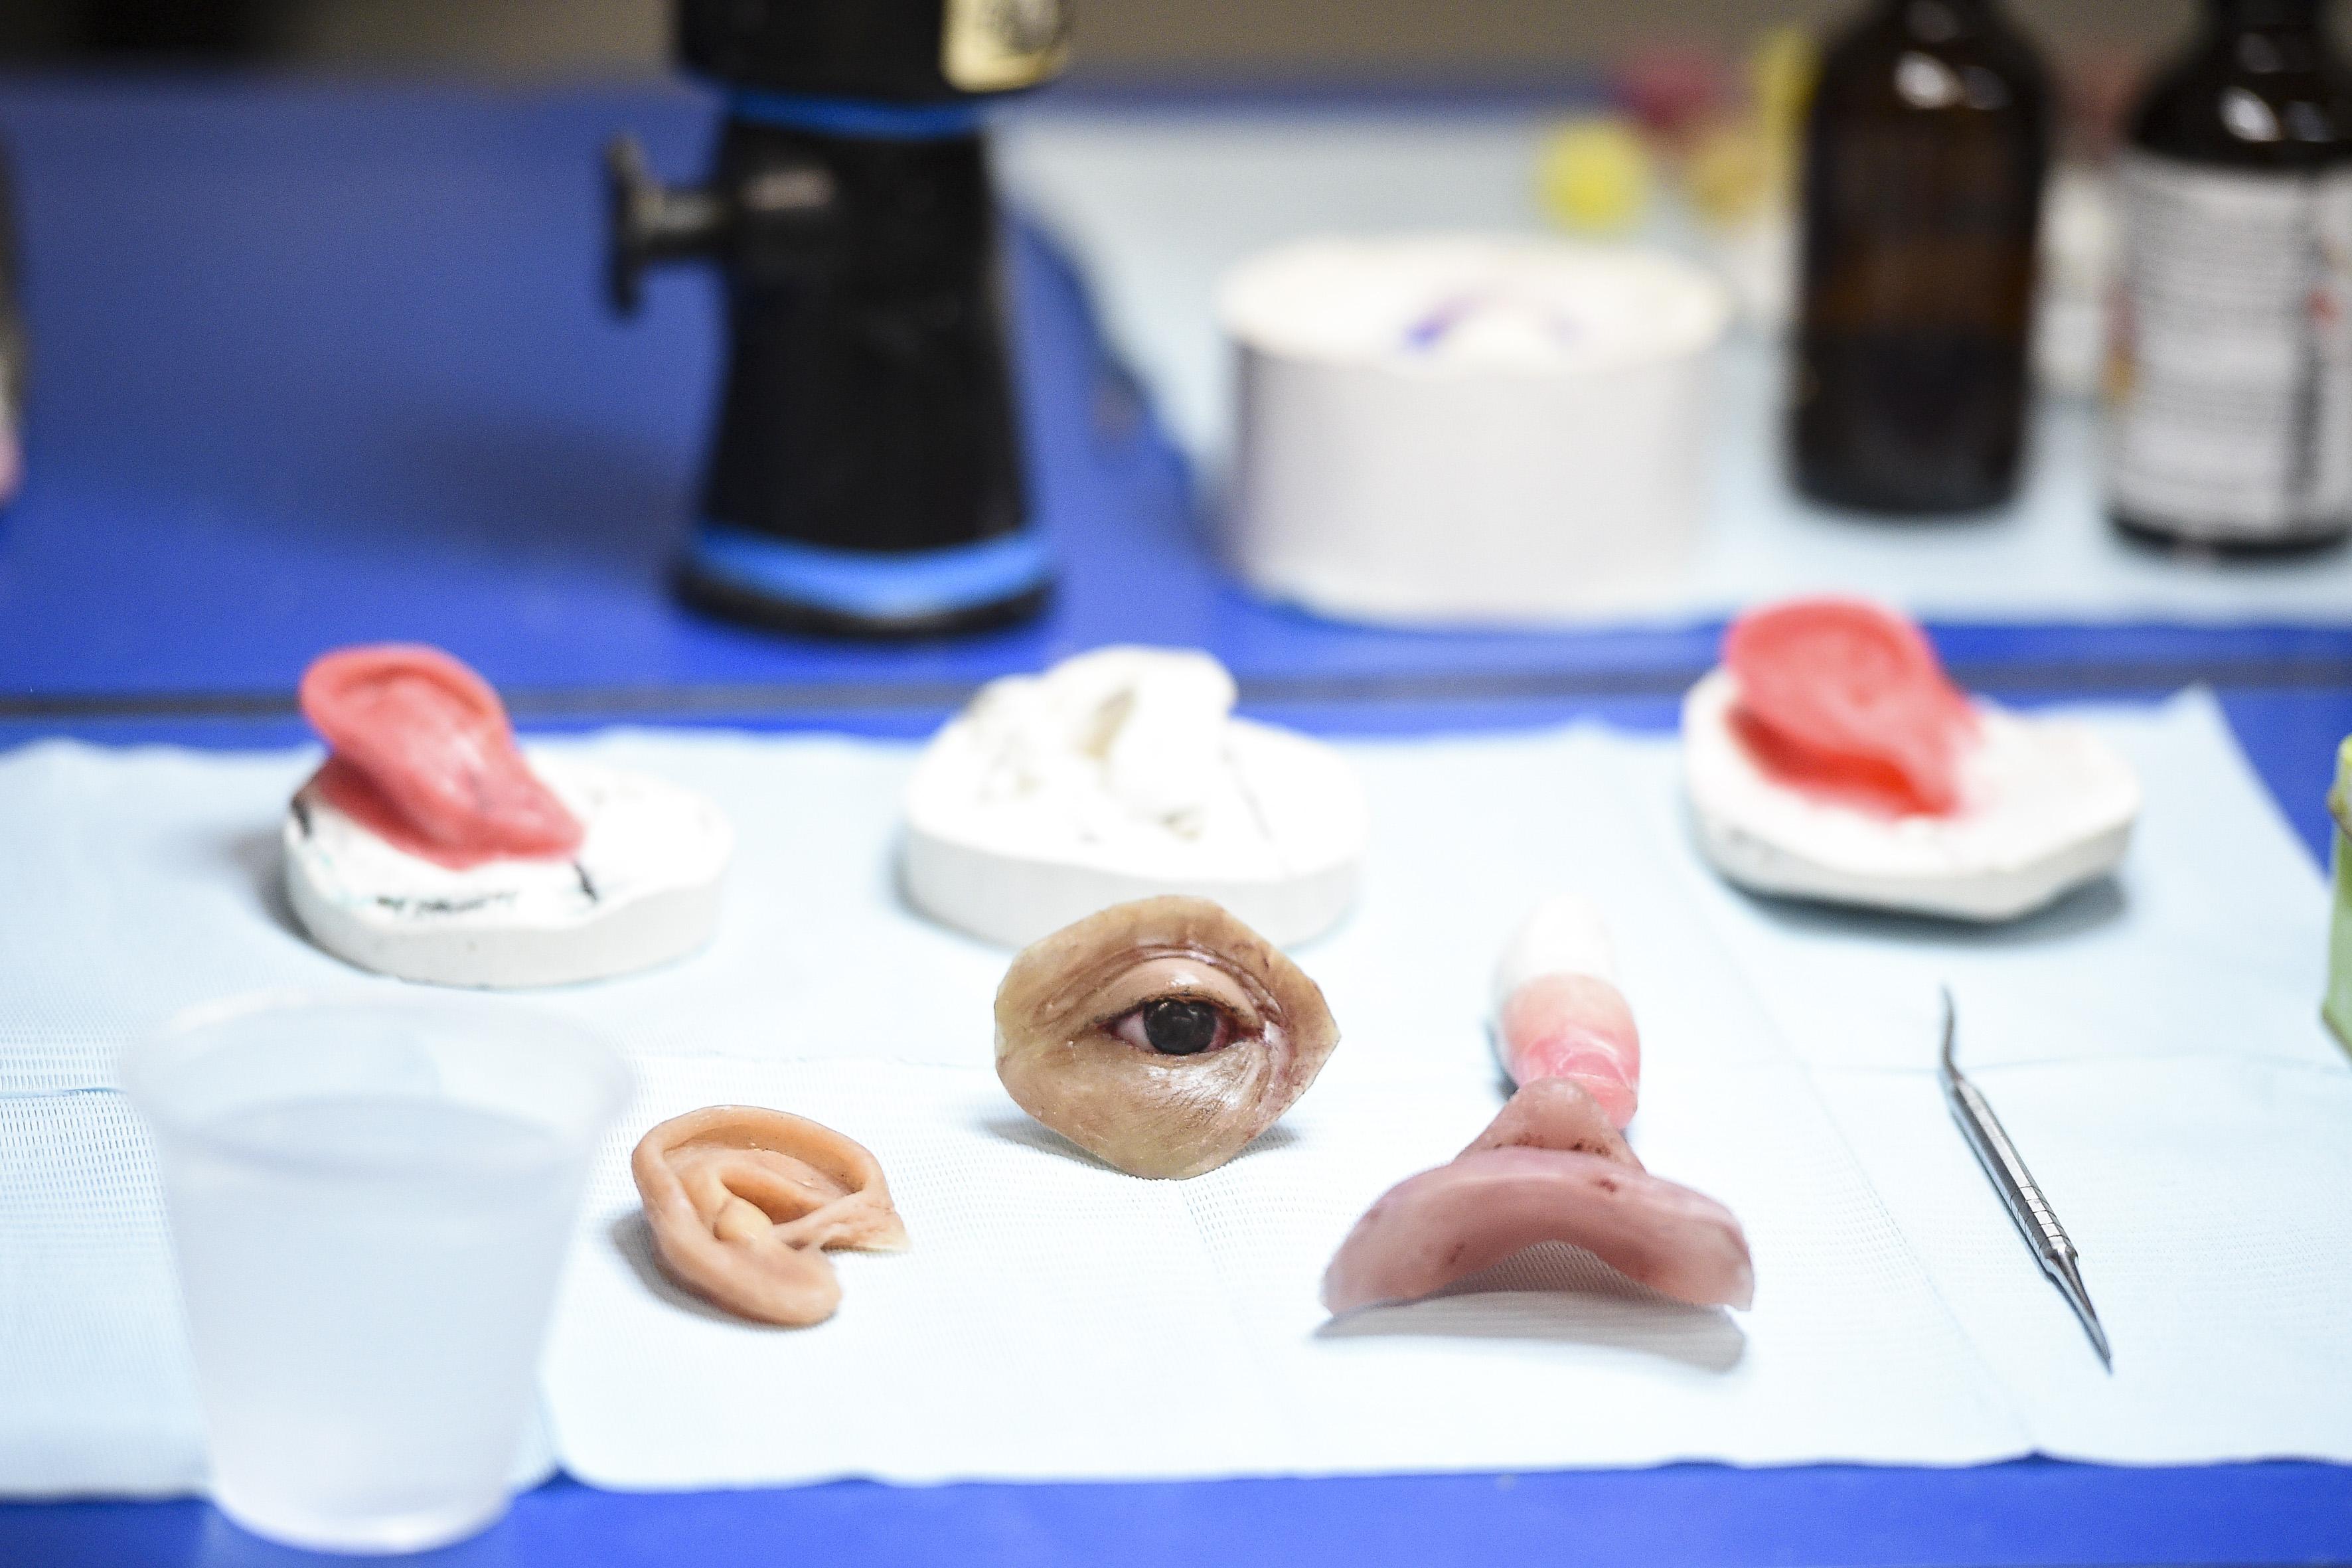 Prótesis en cera de orejas, nariz y ojos